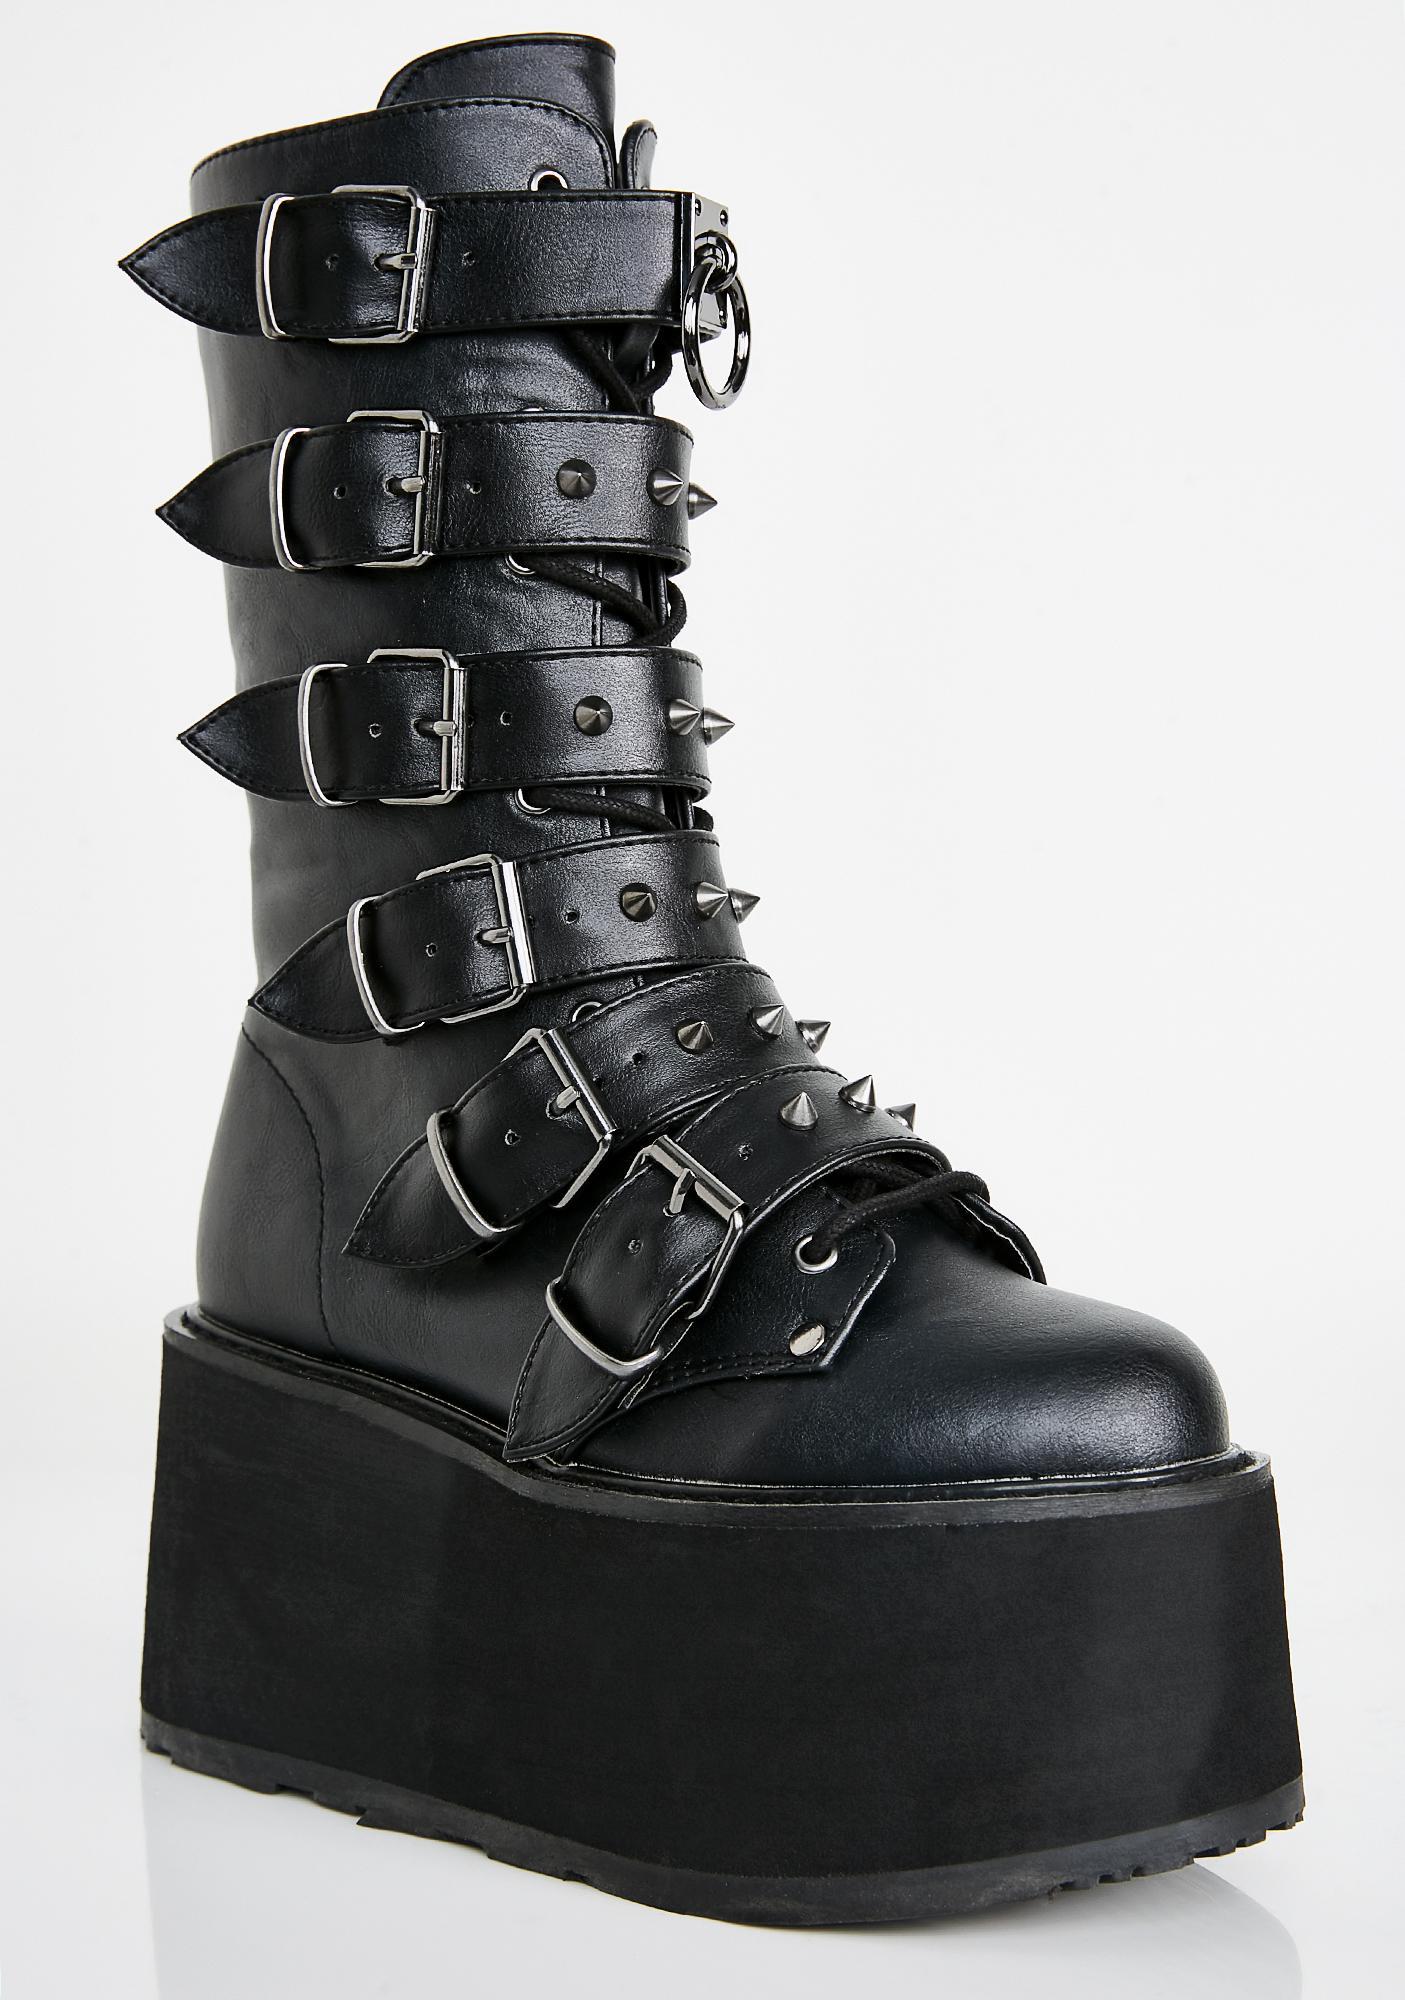 Demonia Midnight Prizm Heist Buckle Boots